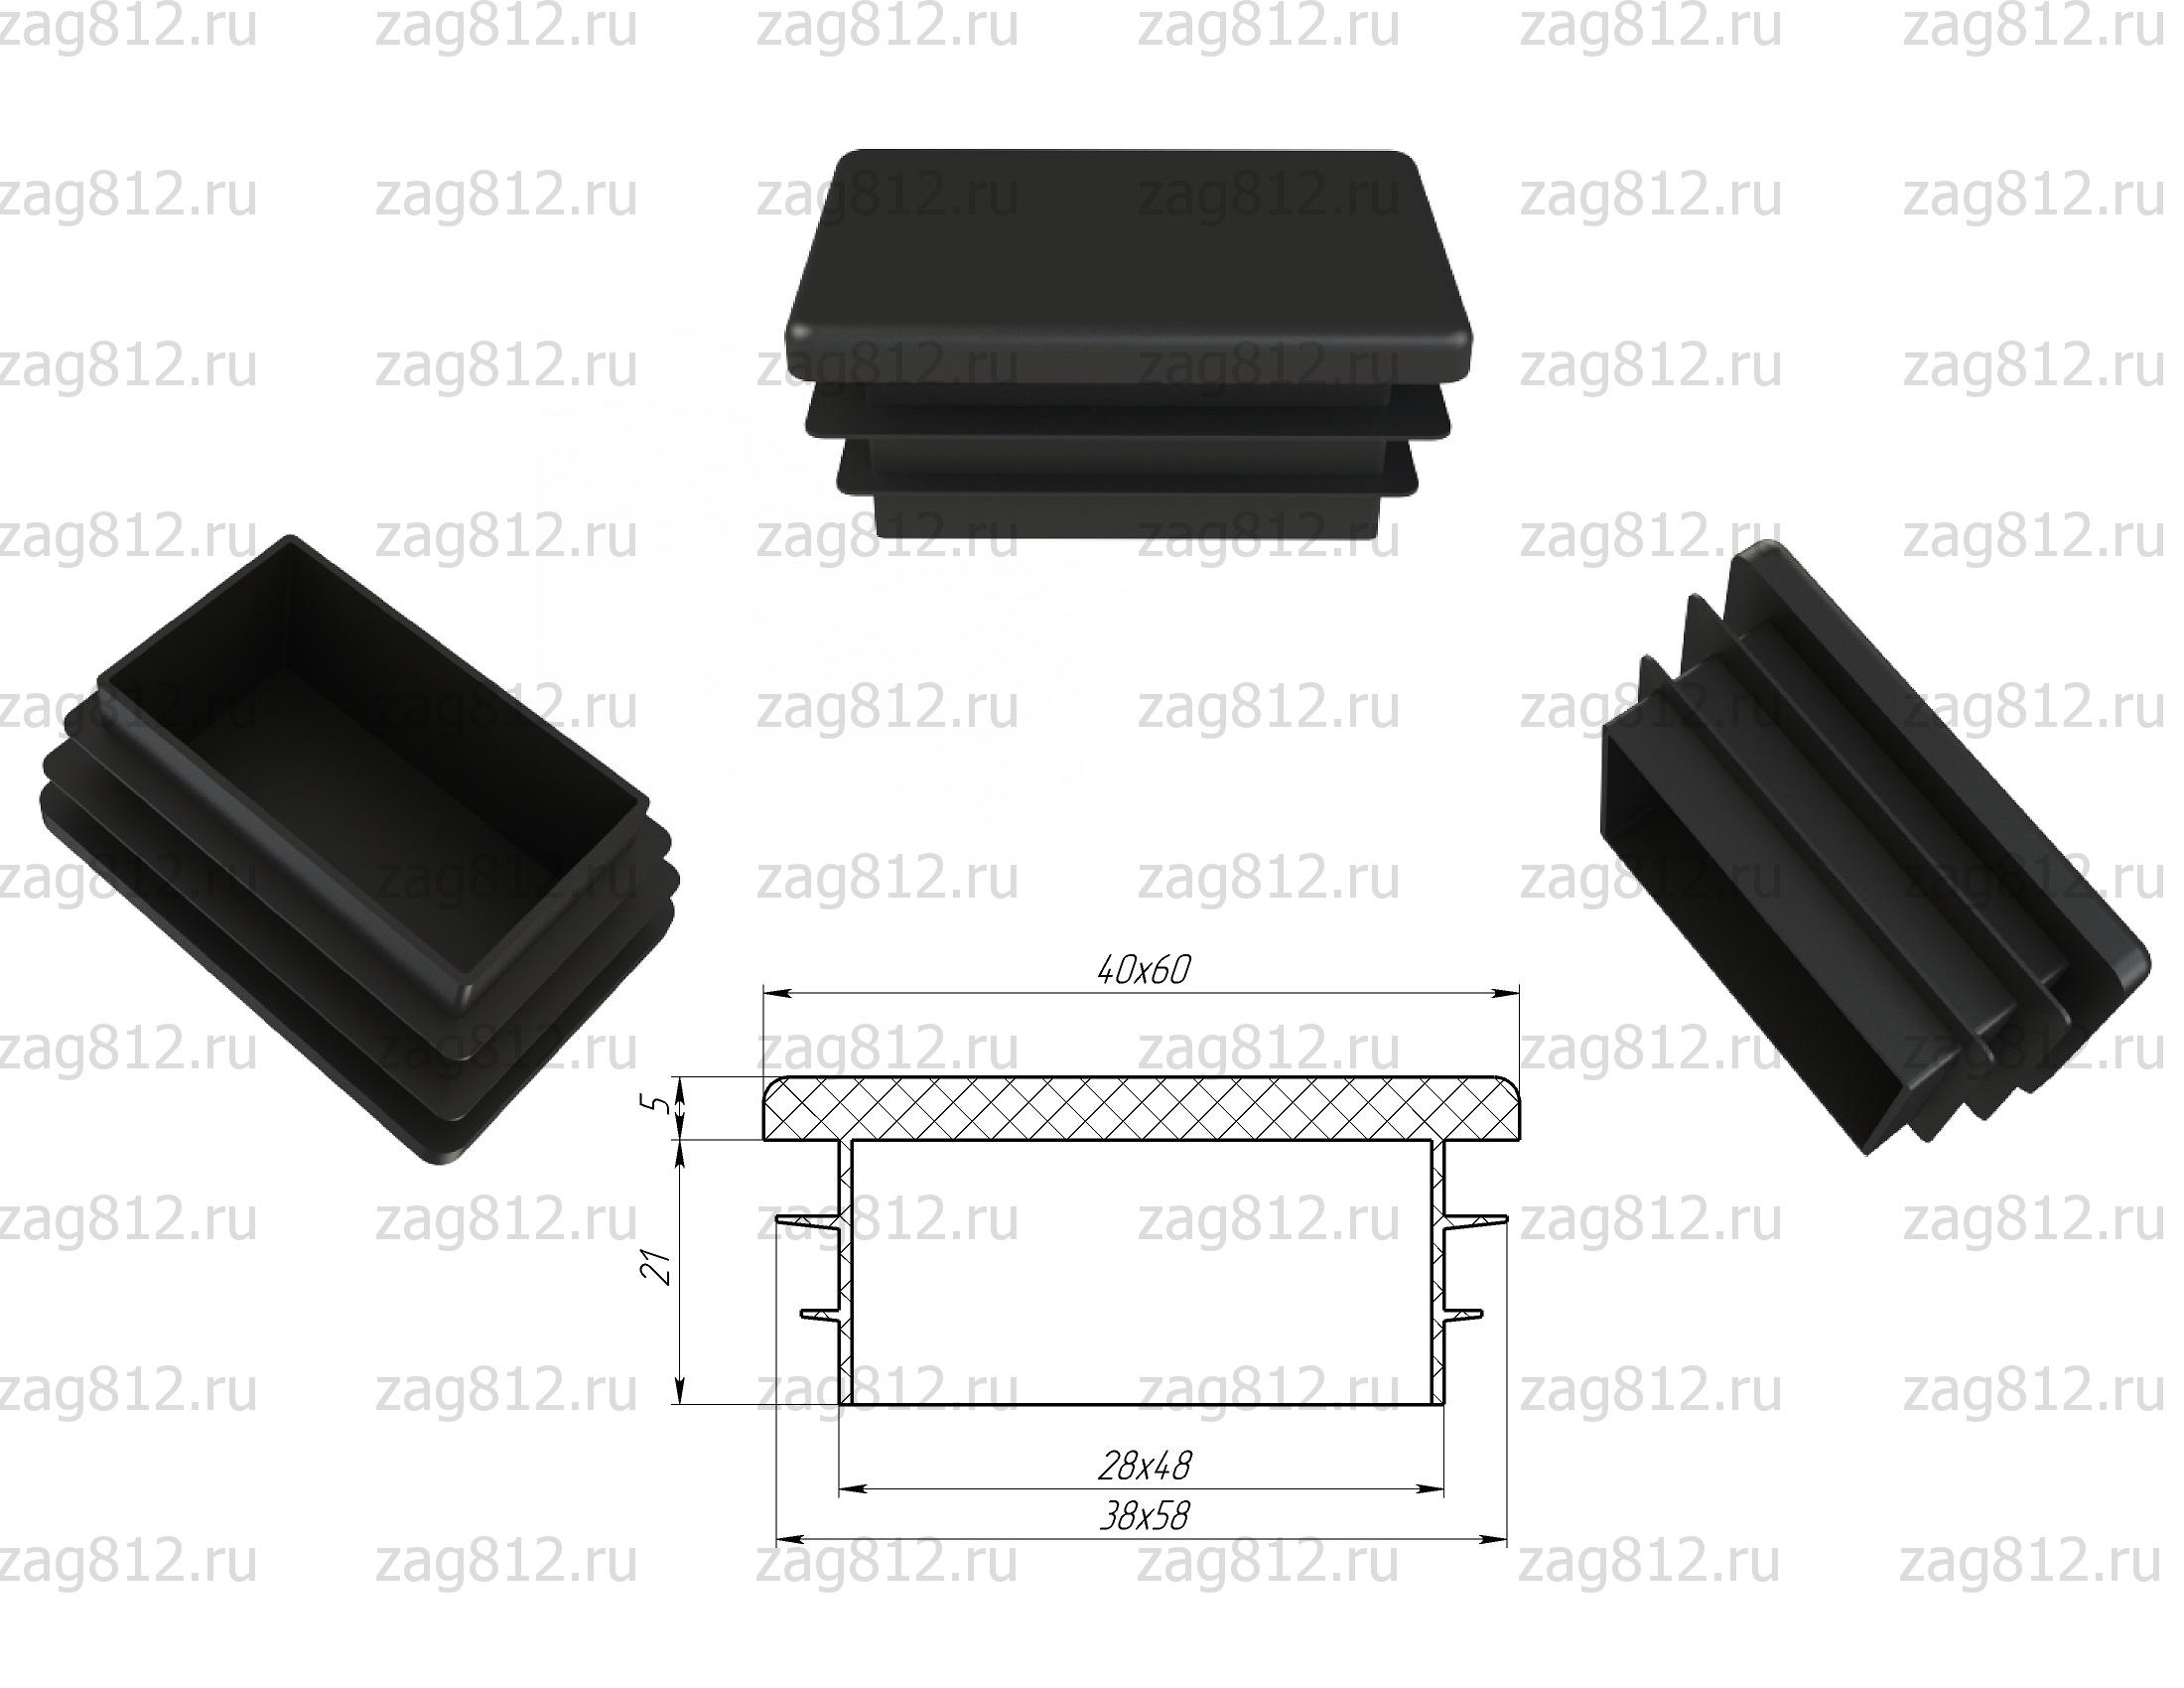 Заглушка 20х30 прямоугольная и схема